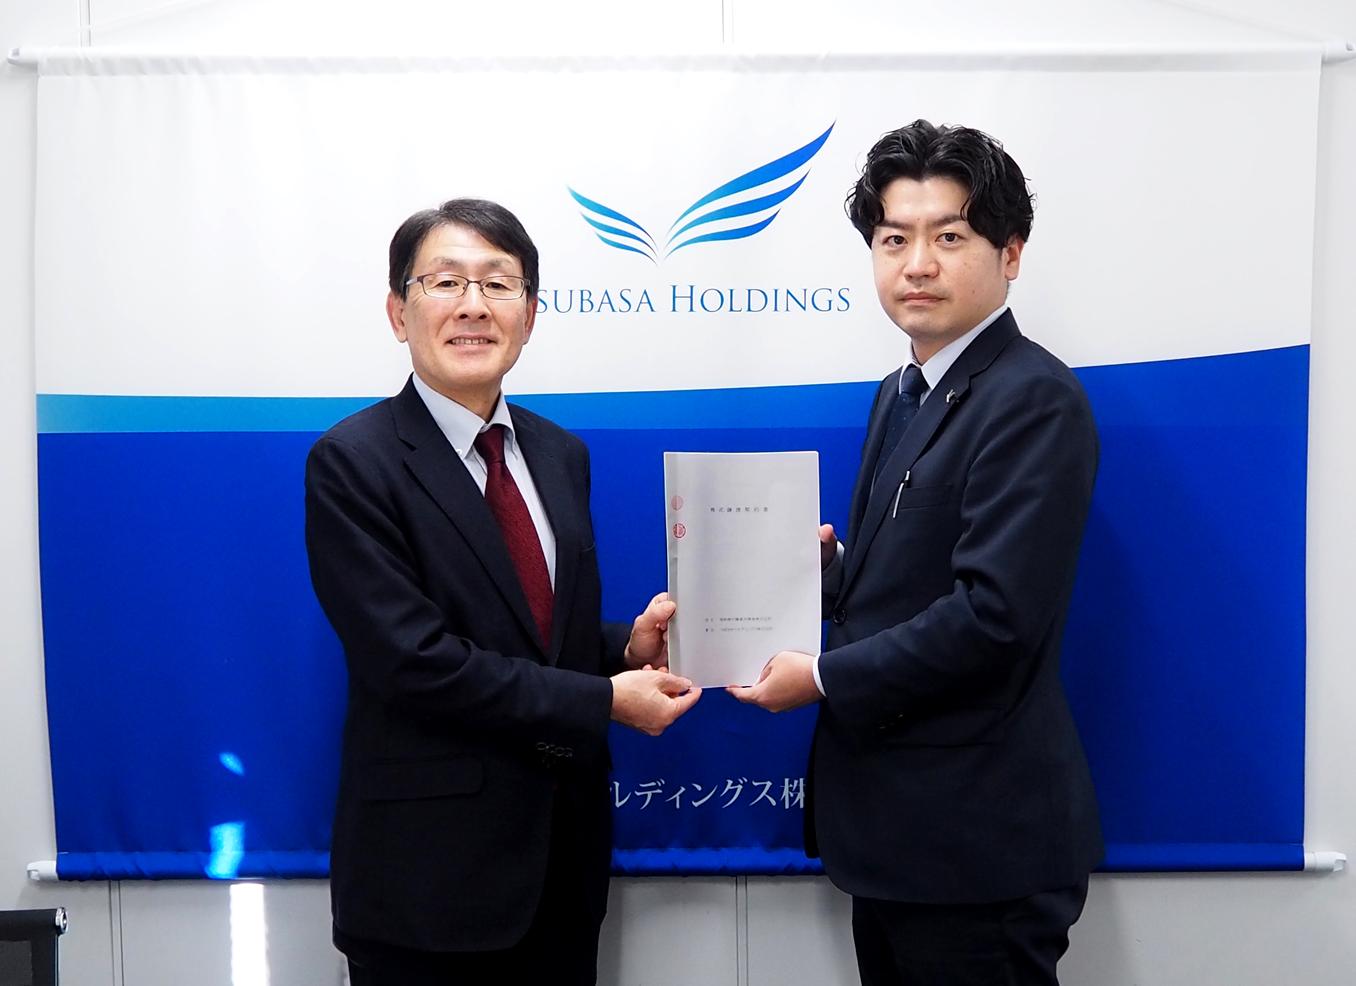 『ハーレーダビッドソン昭和の森株式会社』 株式取得について